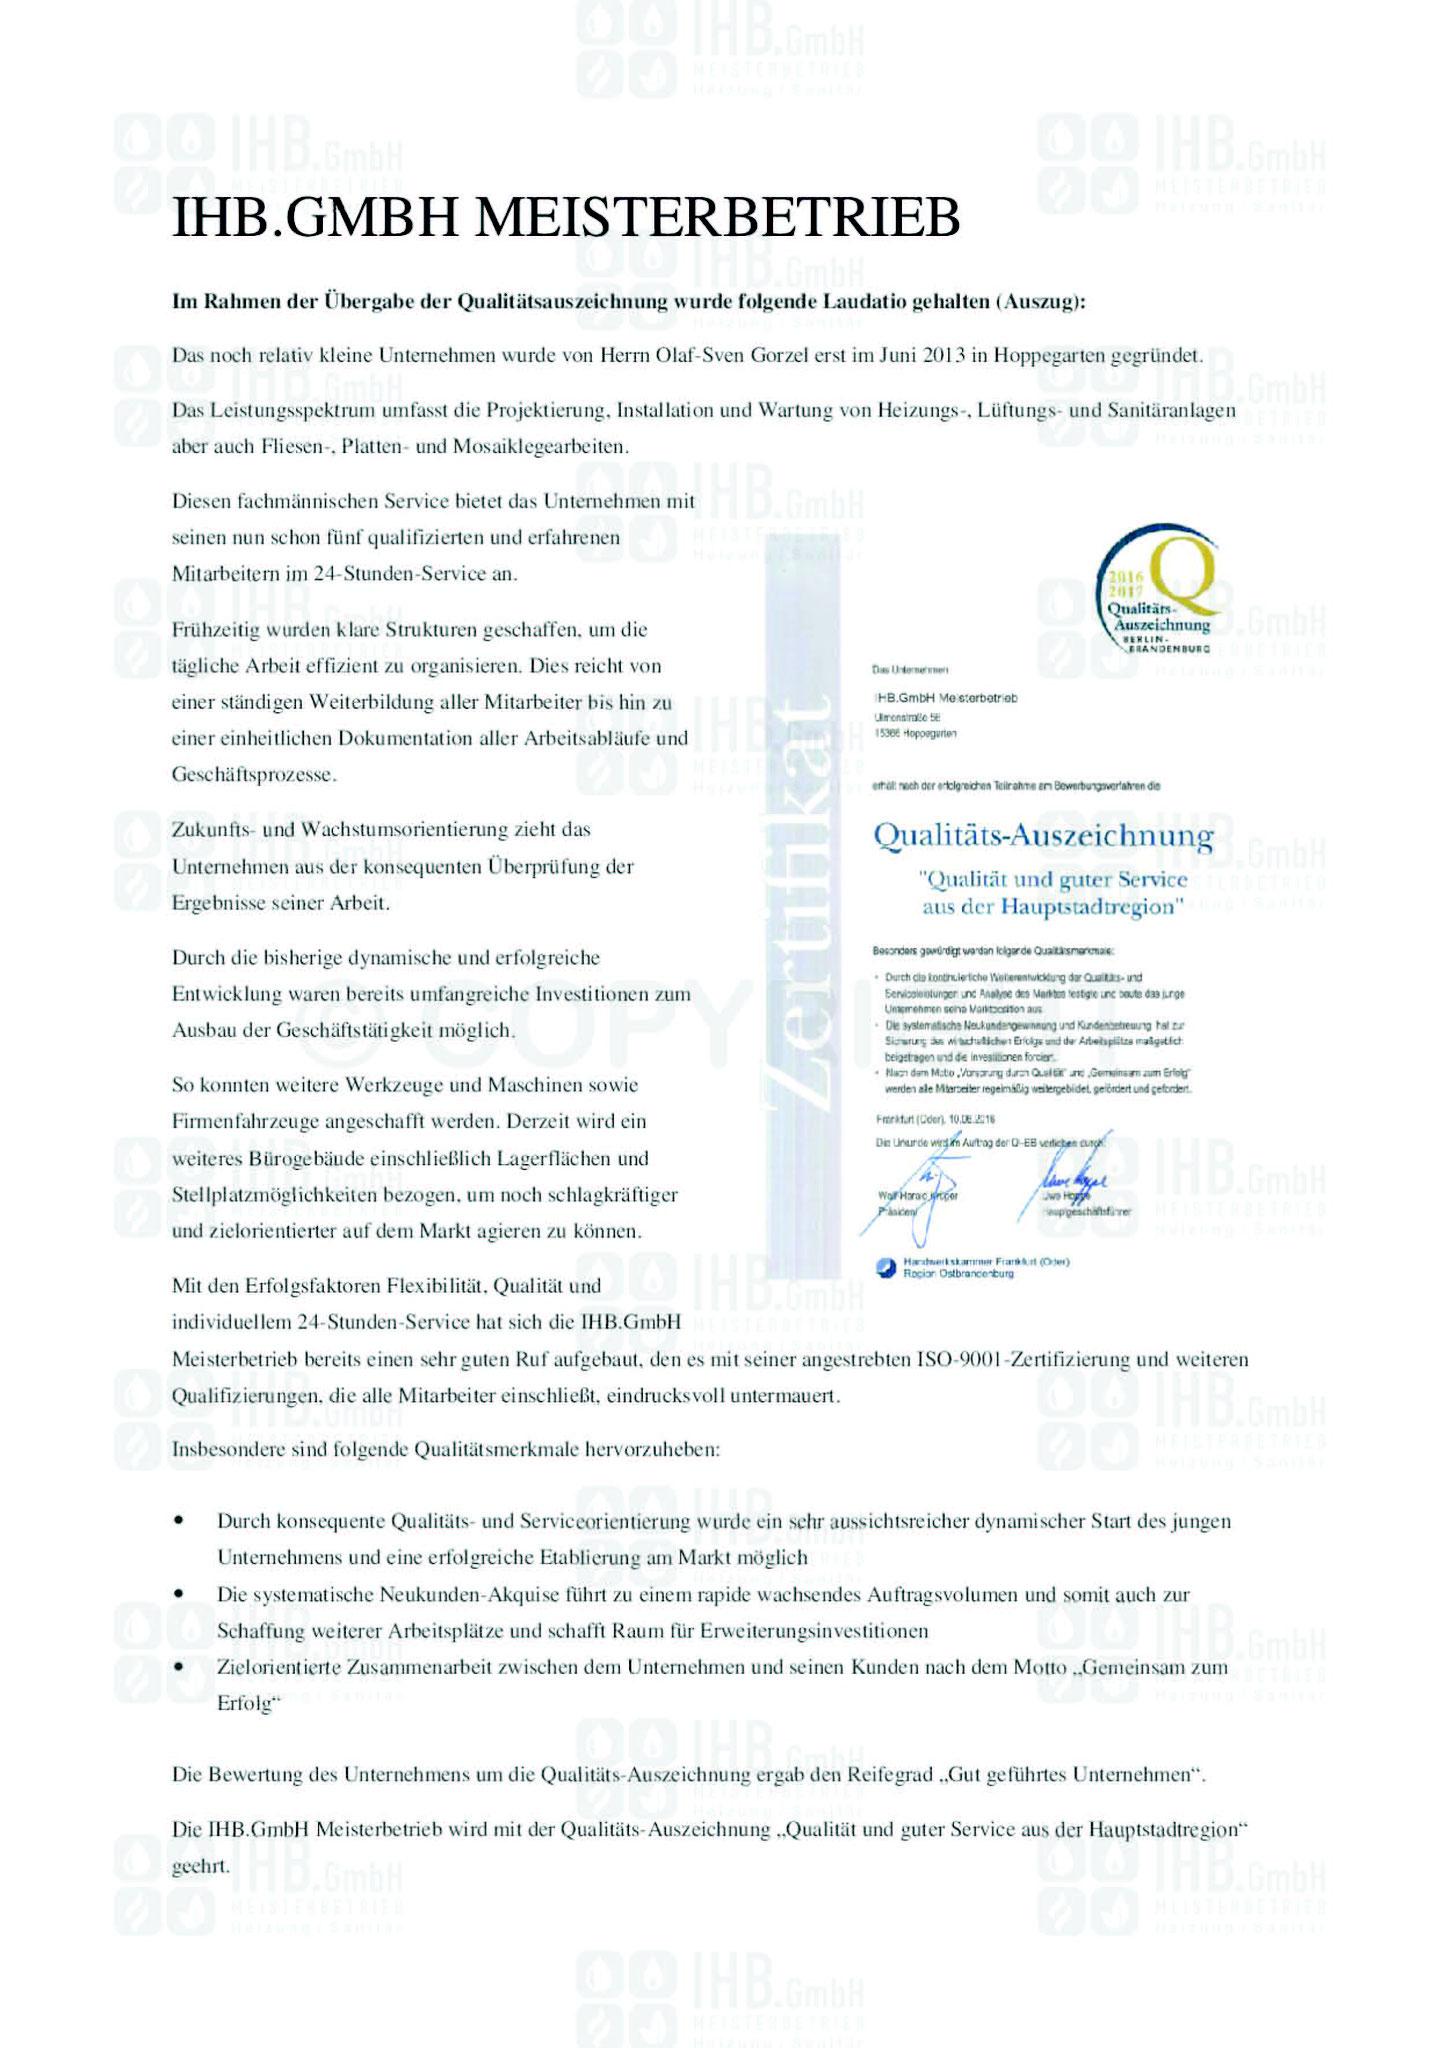 Qualitätsauszeichnung 2016/2017 - Laudation